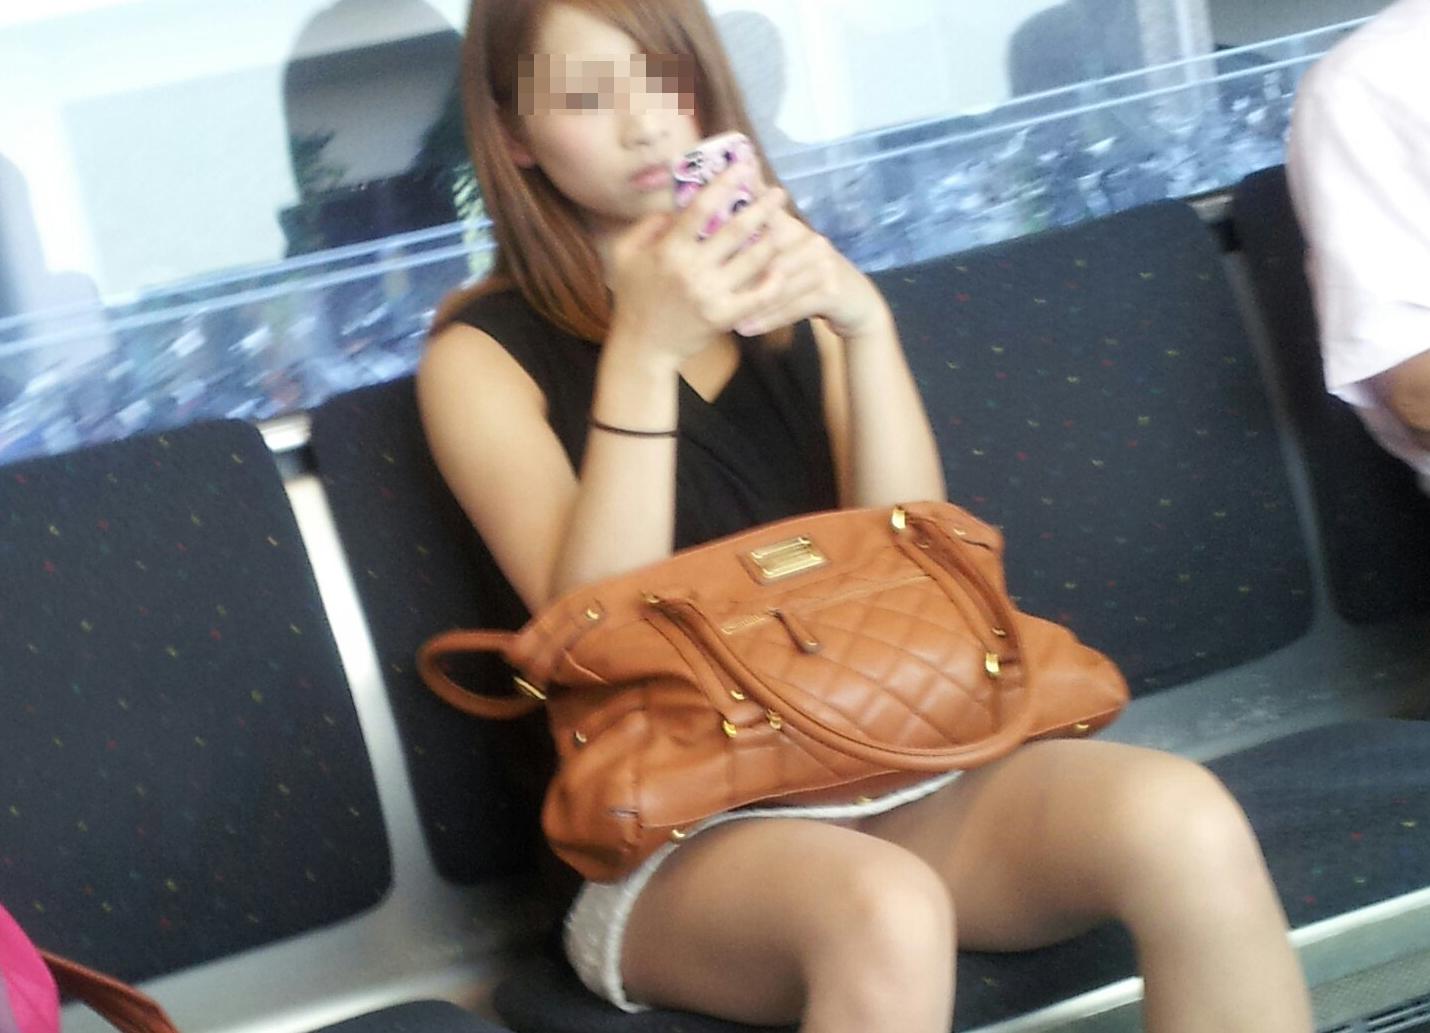 列車で見たえろすぎるシロウトさんの秘密撮影えろ写真30枚